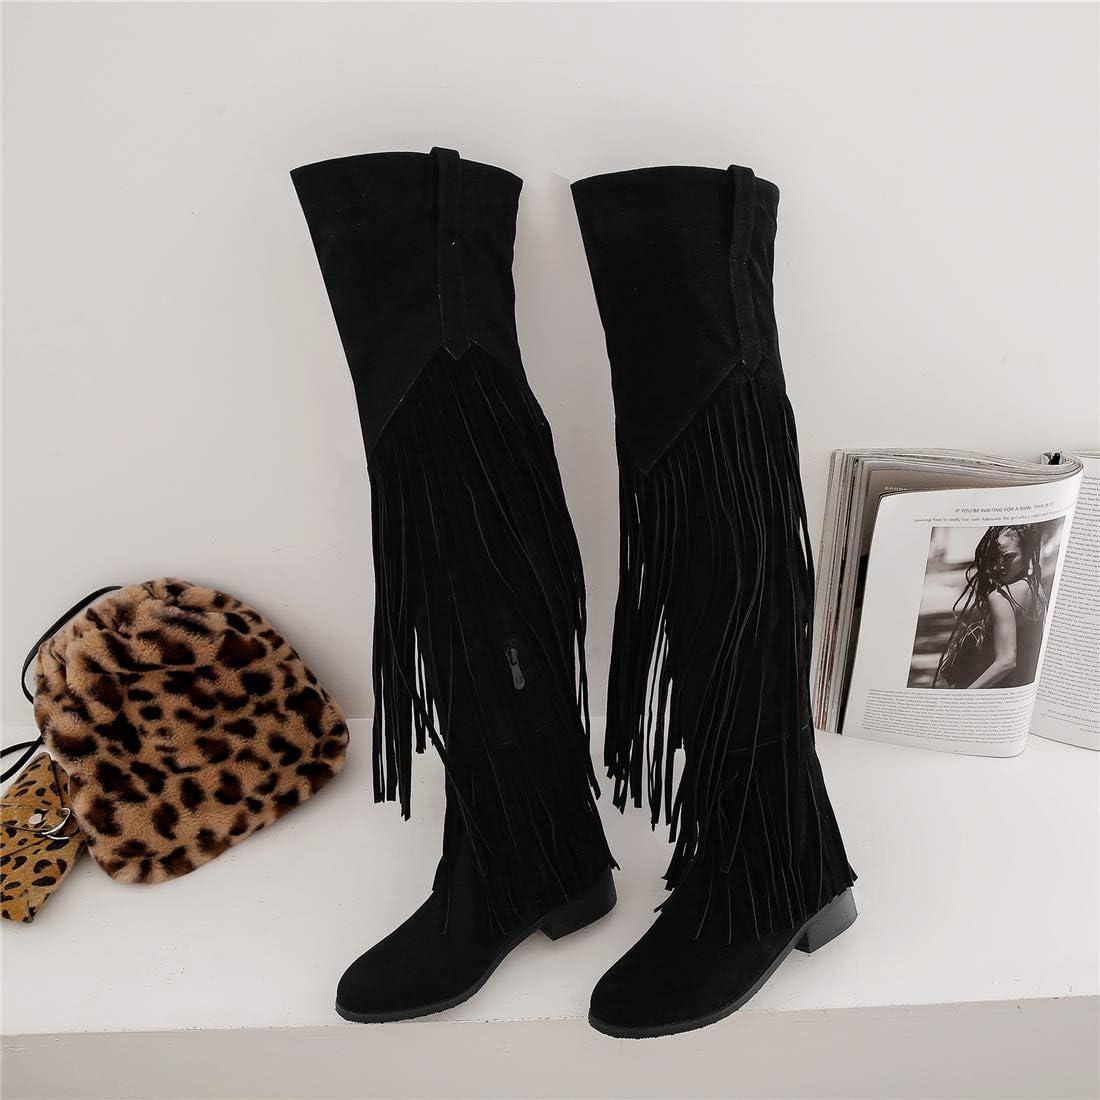 Artfaerie Bottes Indiennes Femme /à Frange Hautes Cuissardes Plates Talon Carr/é Bloc Chunky Thigh High Boots Long Chaussure Fermeture Eclair Hiver Winter